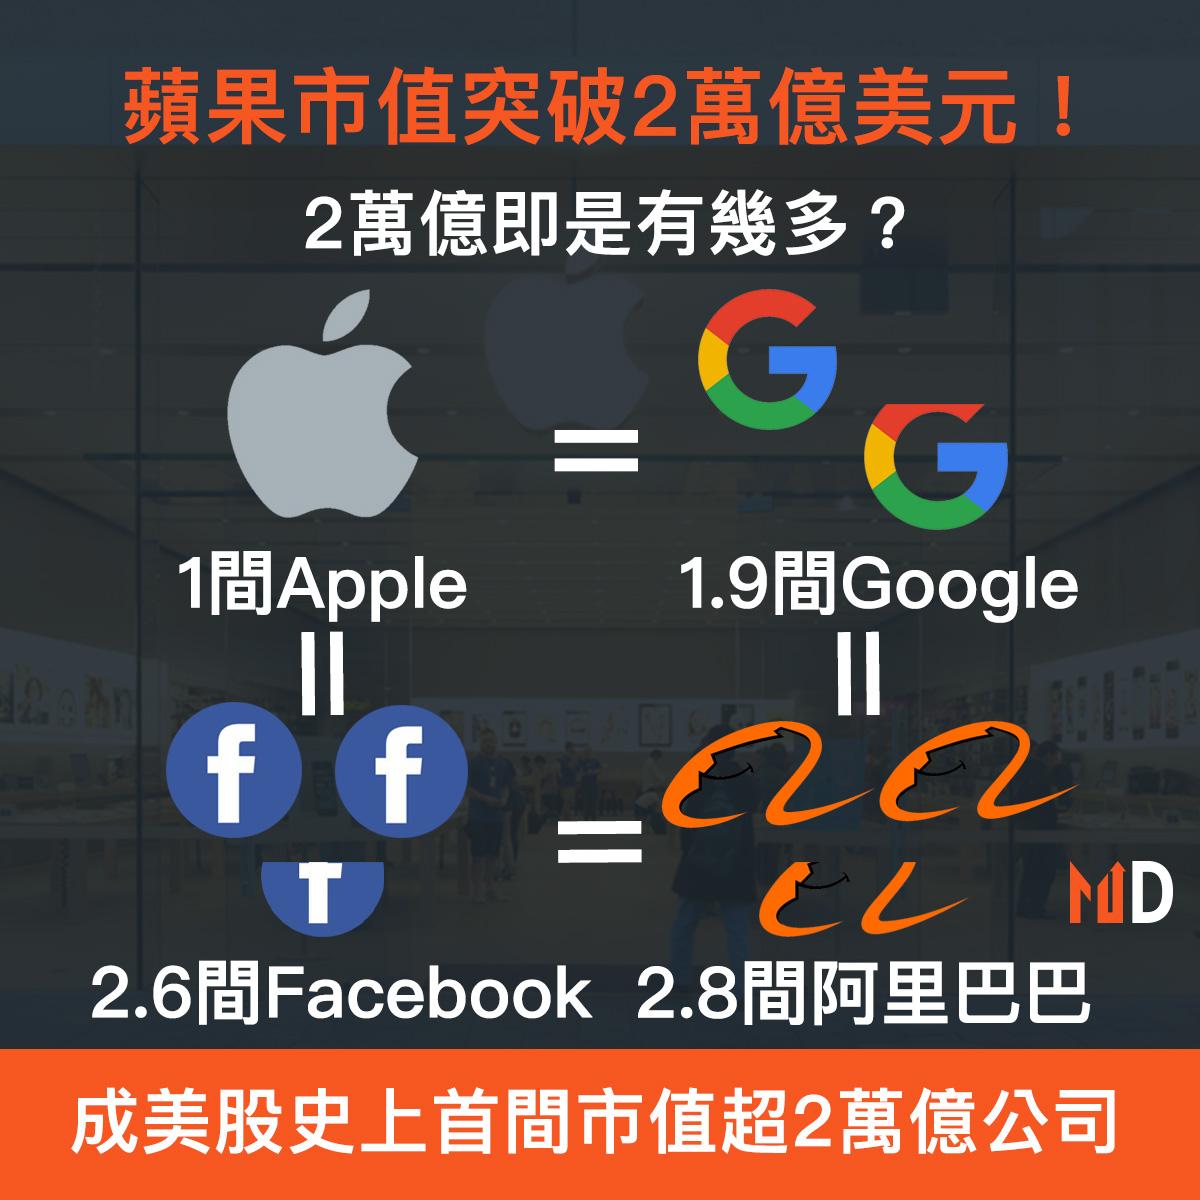 【熱門股對決】蘋果市值突破2萬億美元!成美股史上首間市值超2萬億公司